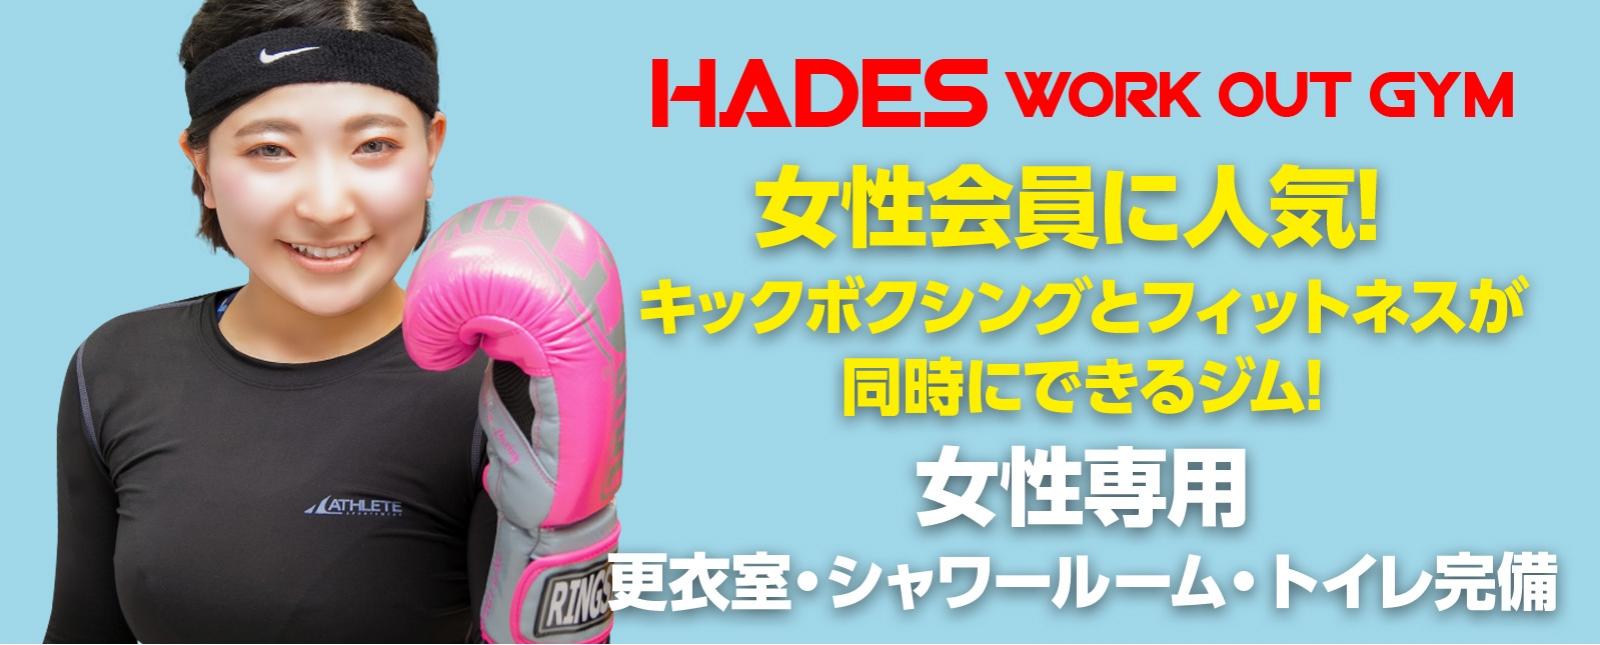 広島中区キックボクシングジム HADES WORK OUT GYM(ハーデスワークアウトジム) 女性専用更衣室・シャワールーム・トイレ完備